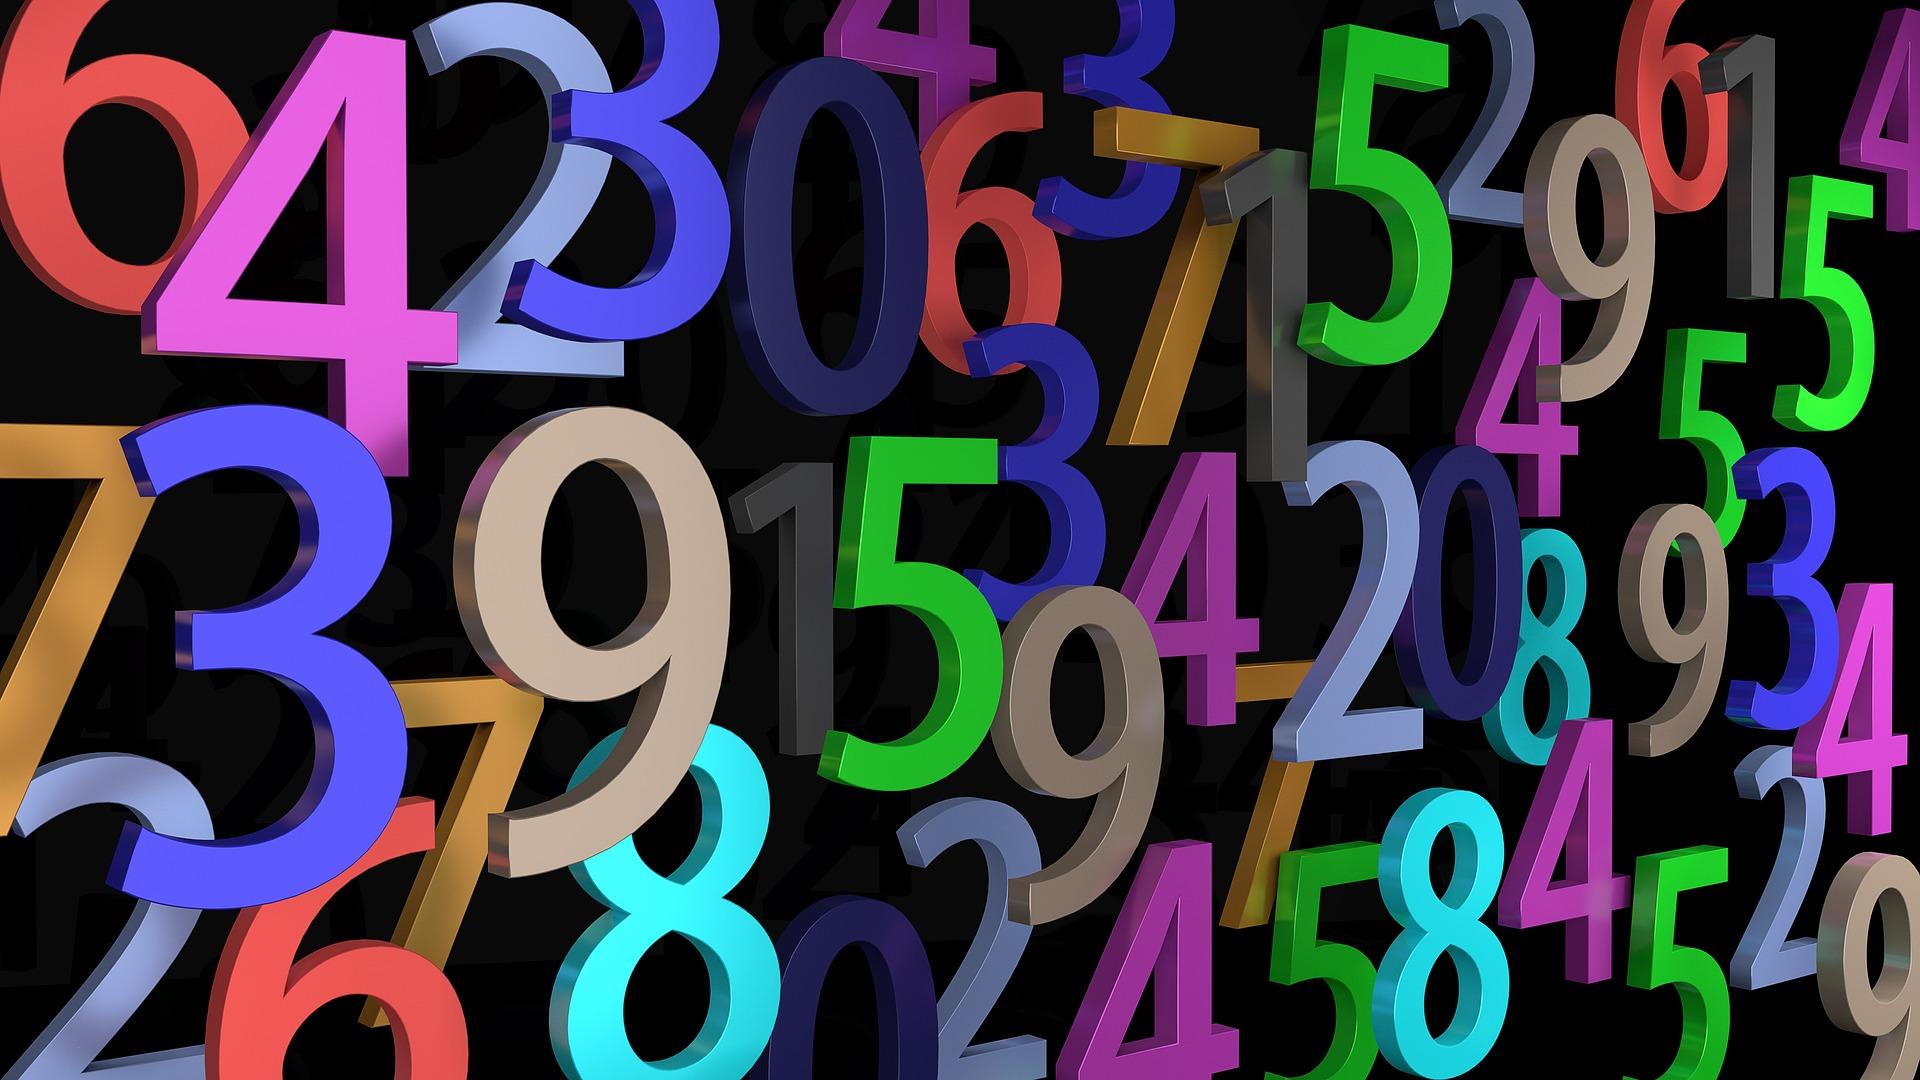 цифры в тексте